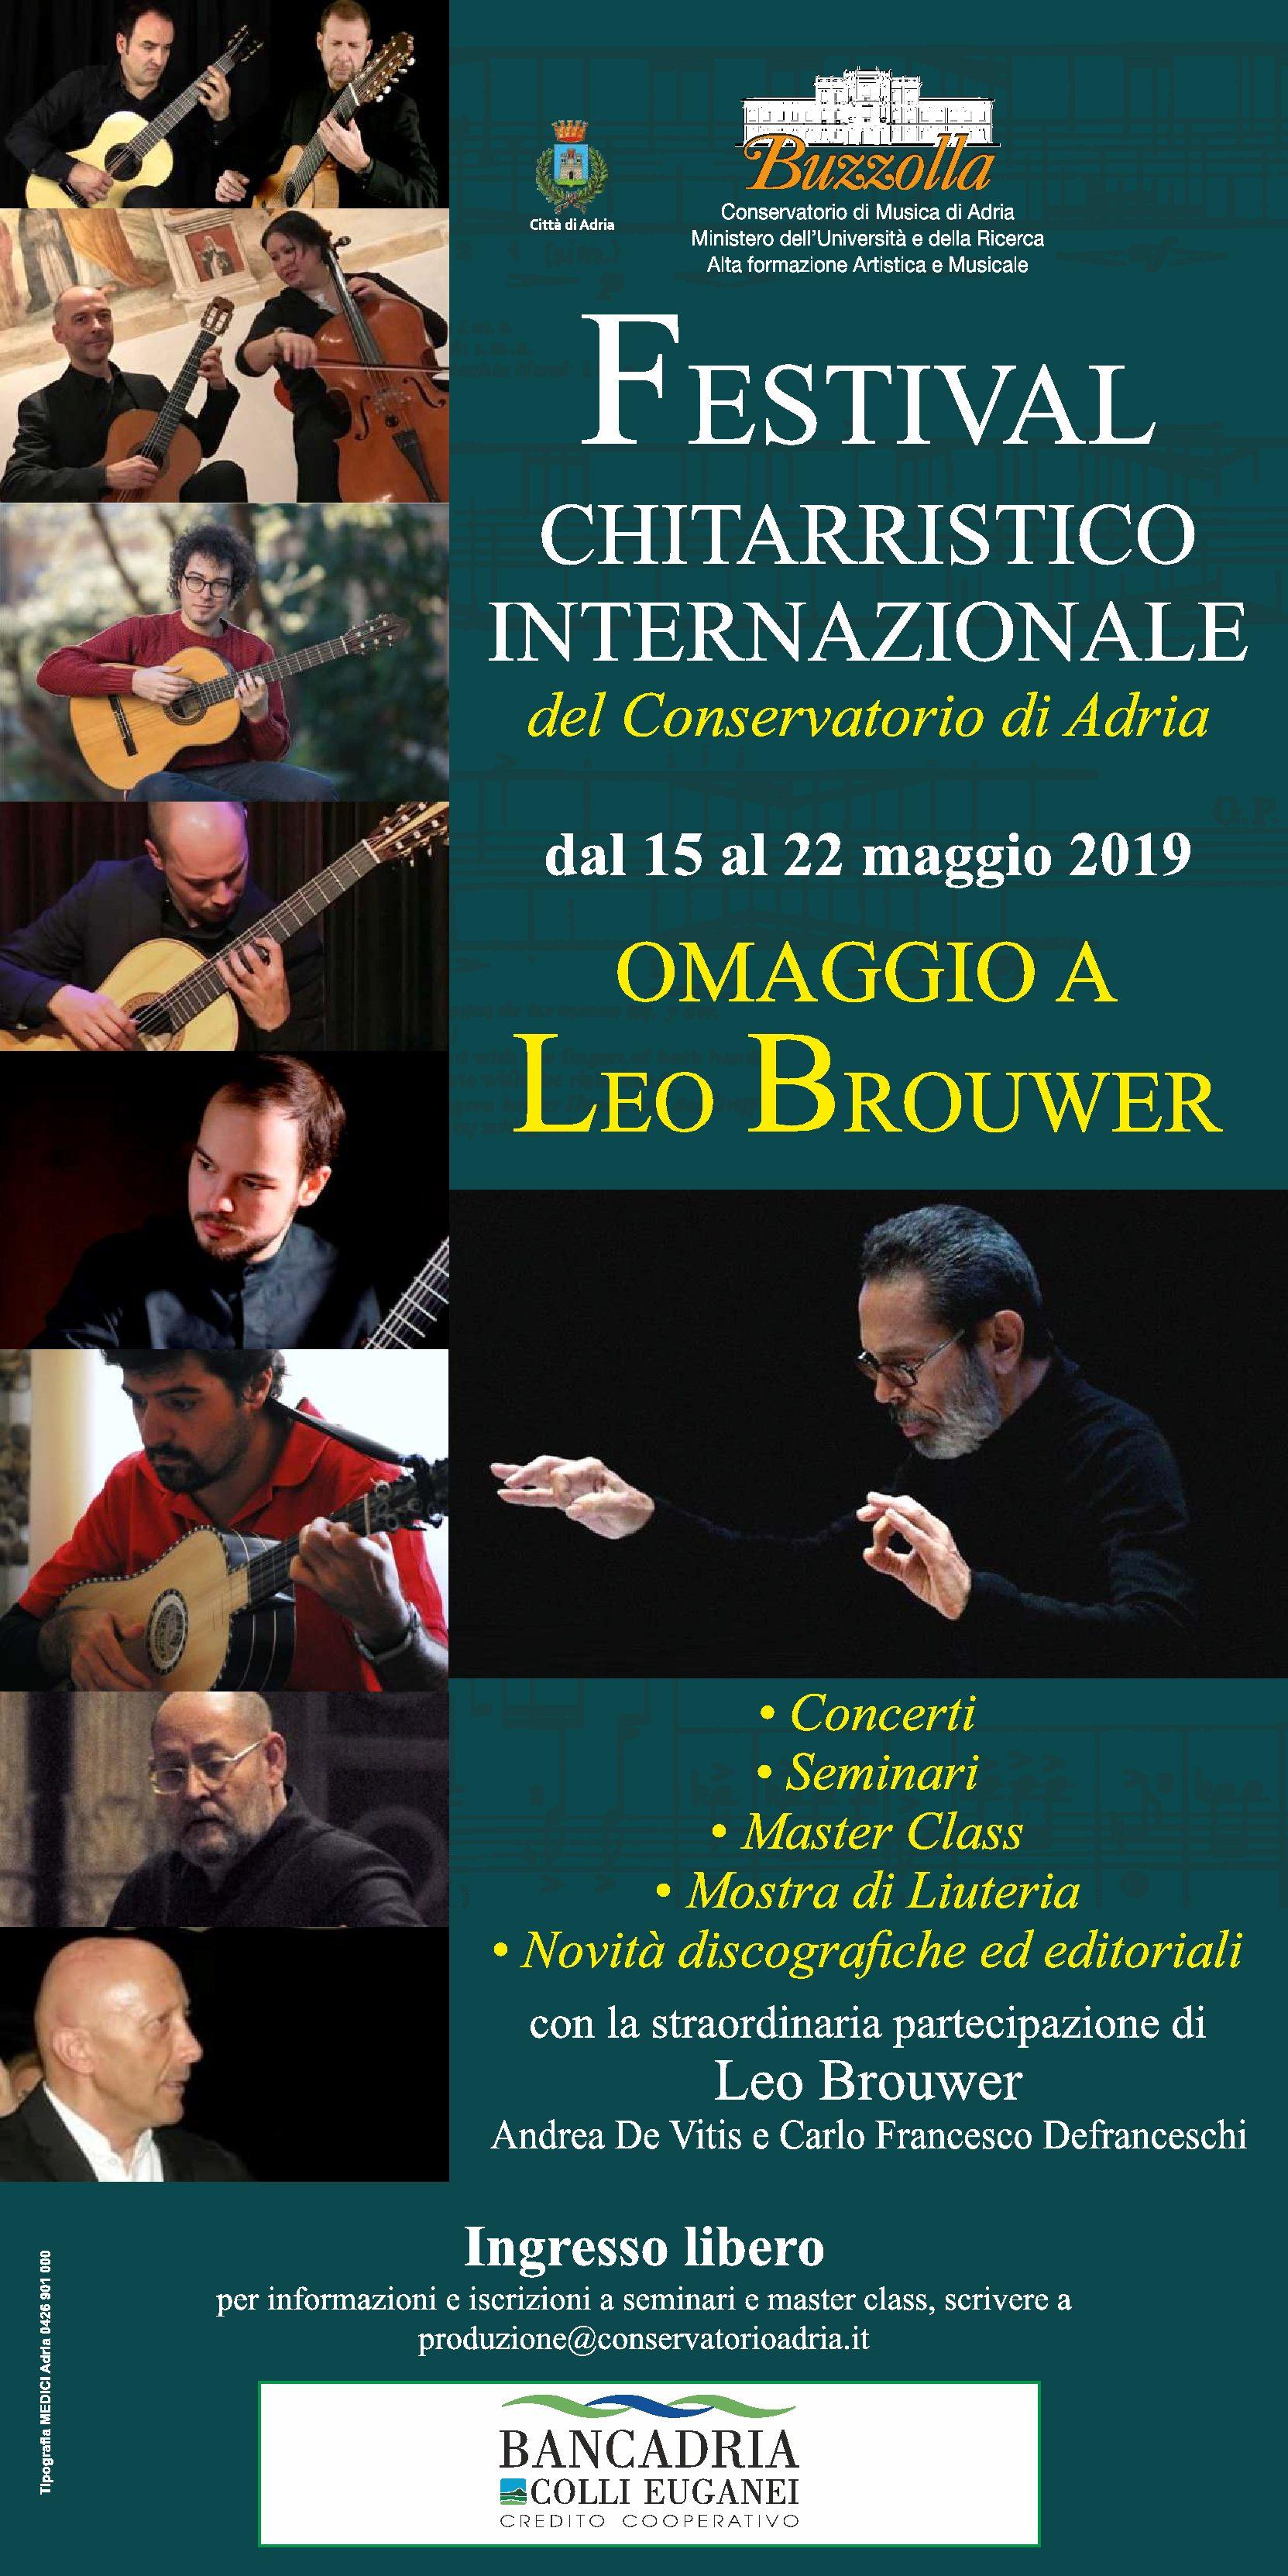 15-22 maggio 2019 – Festival Chitarristico Internazionale